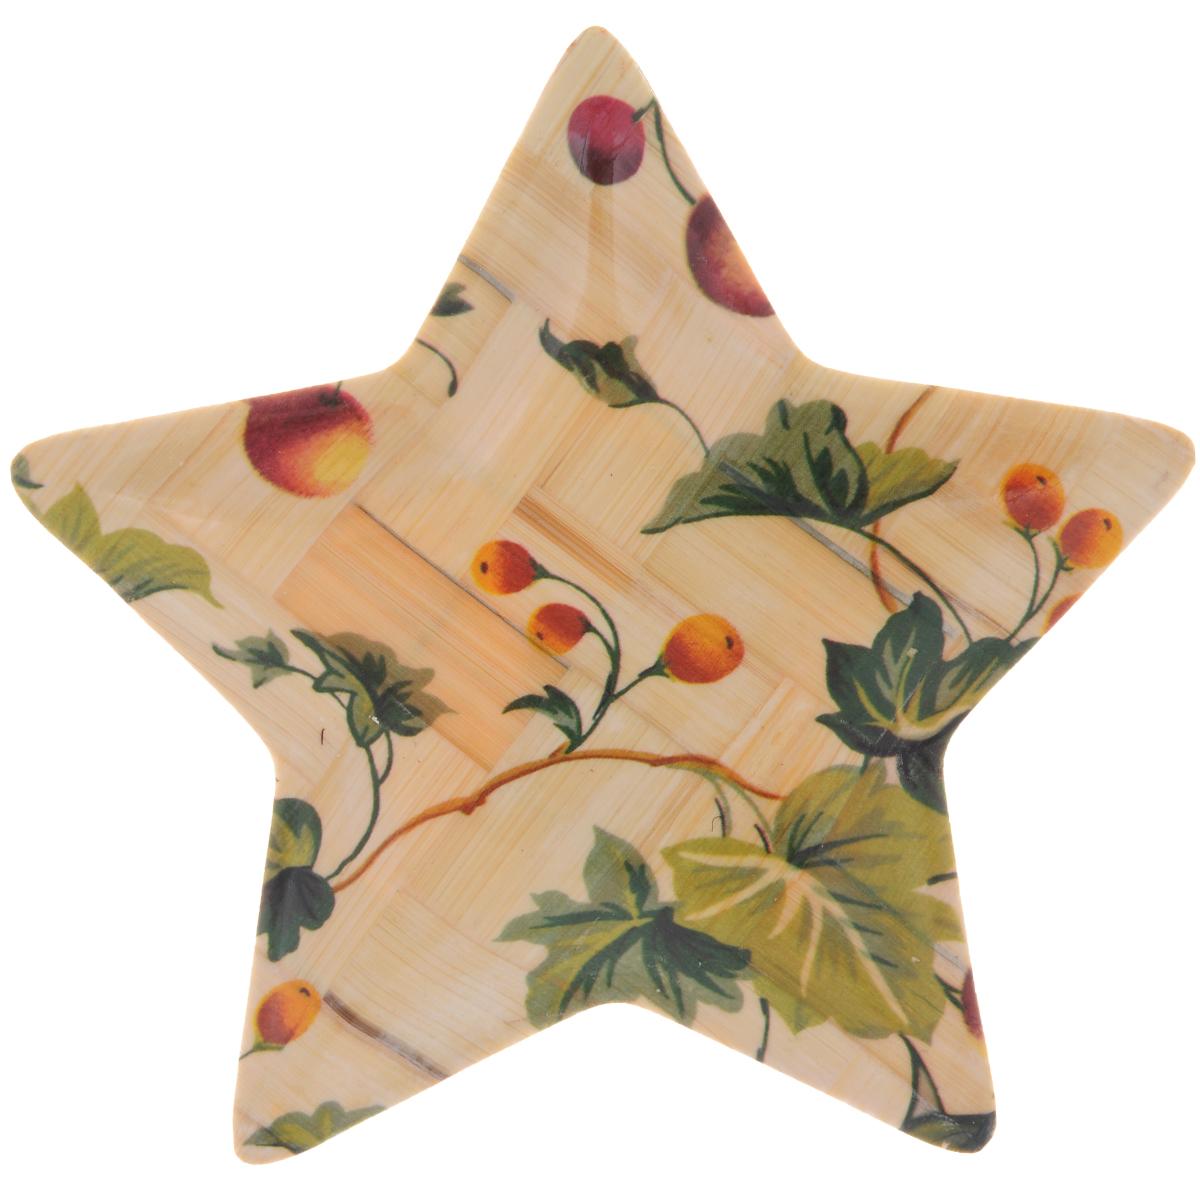 Тарелка Wanxie Звезда, цвет: бежевый, зеленый, 13,5 x 13,5 х 1 смJ8438Тарелка Wanxie Звезда изготовлена из бамбука в виде звезды. Блюдо прекрасно подходит для того, чтобы подавать небольшие кусочки фруктов, ягоды и многое другое. Невероятно легкое, но в то же время крепкое и экологически чистое блюдо - незаменимый и очень полезный аксессуар на кухне, а благодаря нежной расцветке подойдет к любому интерьеру. Посуда из бамбука - интересное решение для создания эксклюзивных и стильных кухонных интерьеров. Бамбук экологичен и безопасен для здоровья, не боится влаги, устойчив к перепадам температуры. Несмотря на легкость и изящество, изделие прочно и долговечно. Посуда из бамбука проста в уходе и красива.Размер тарелки по верхнему краю: 13,5 х 13,5 см.